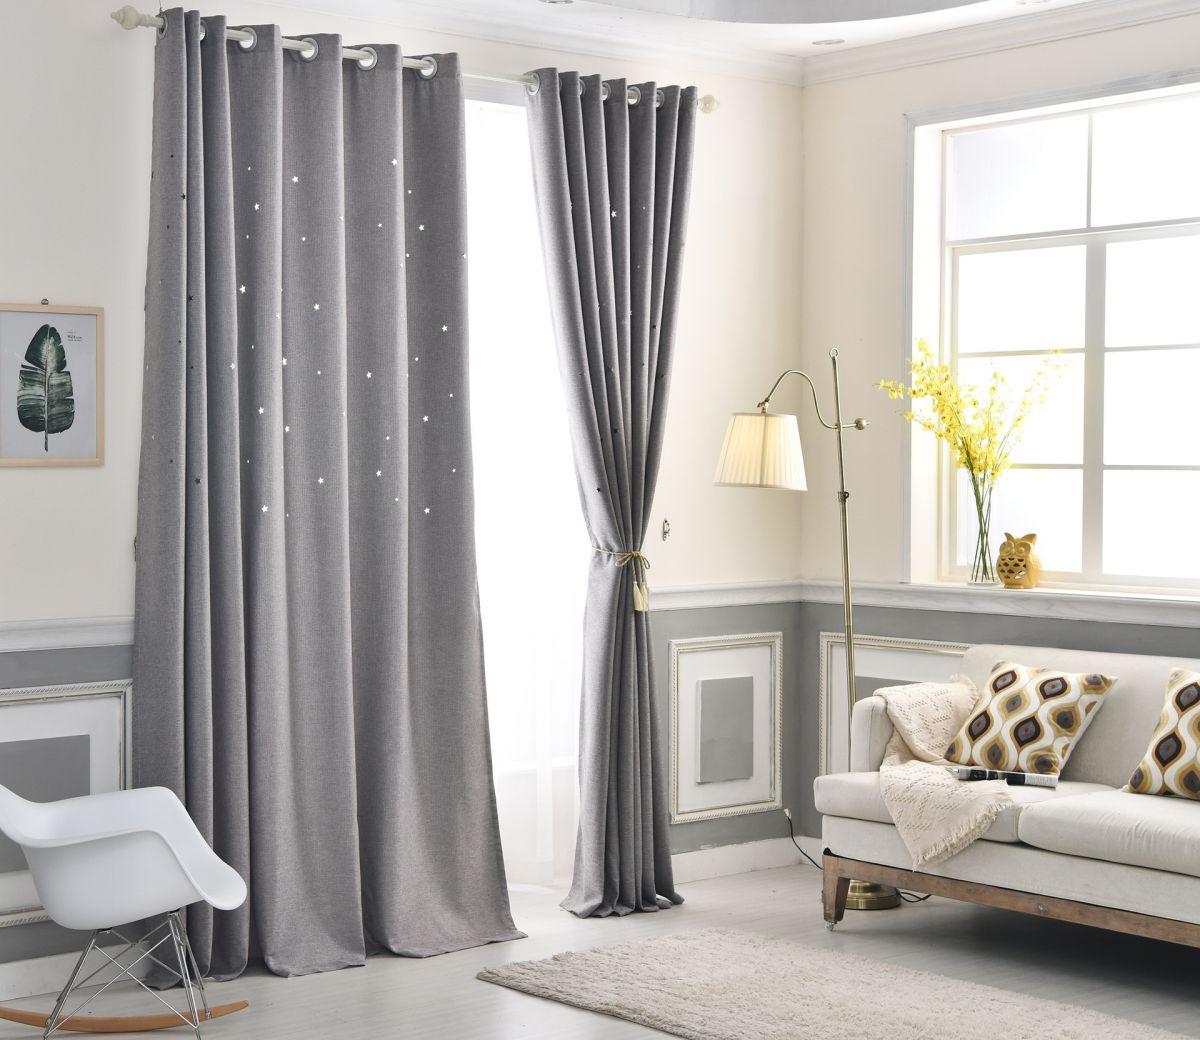 гардины и шторы для зала фото фриман